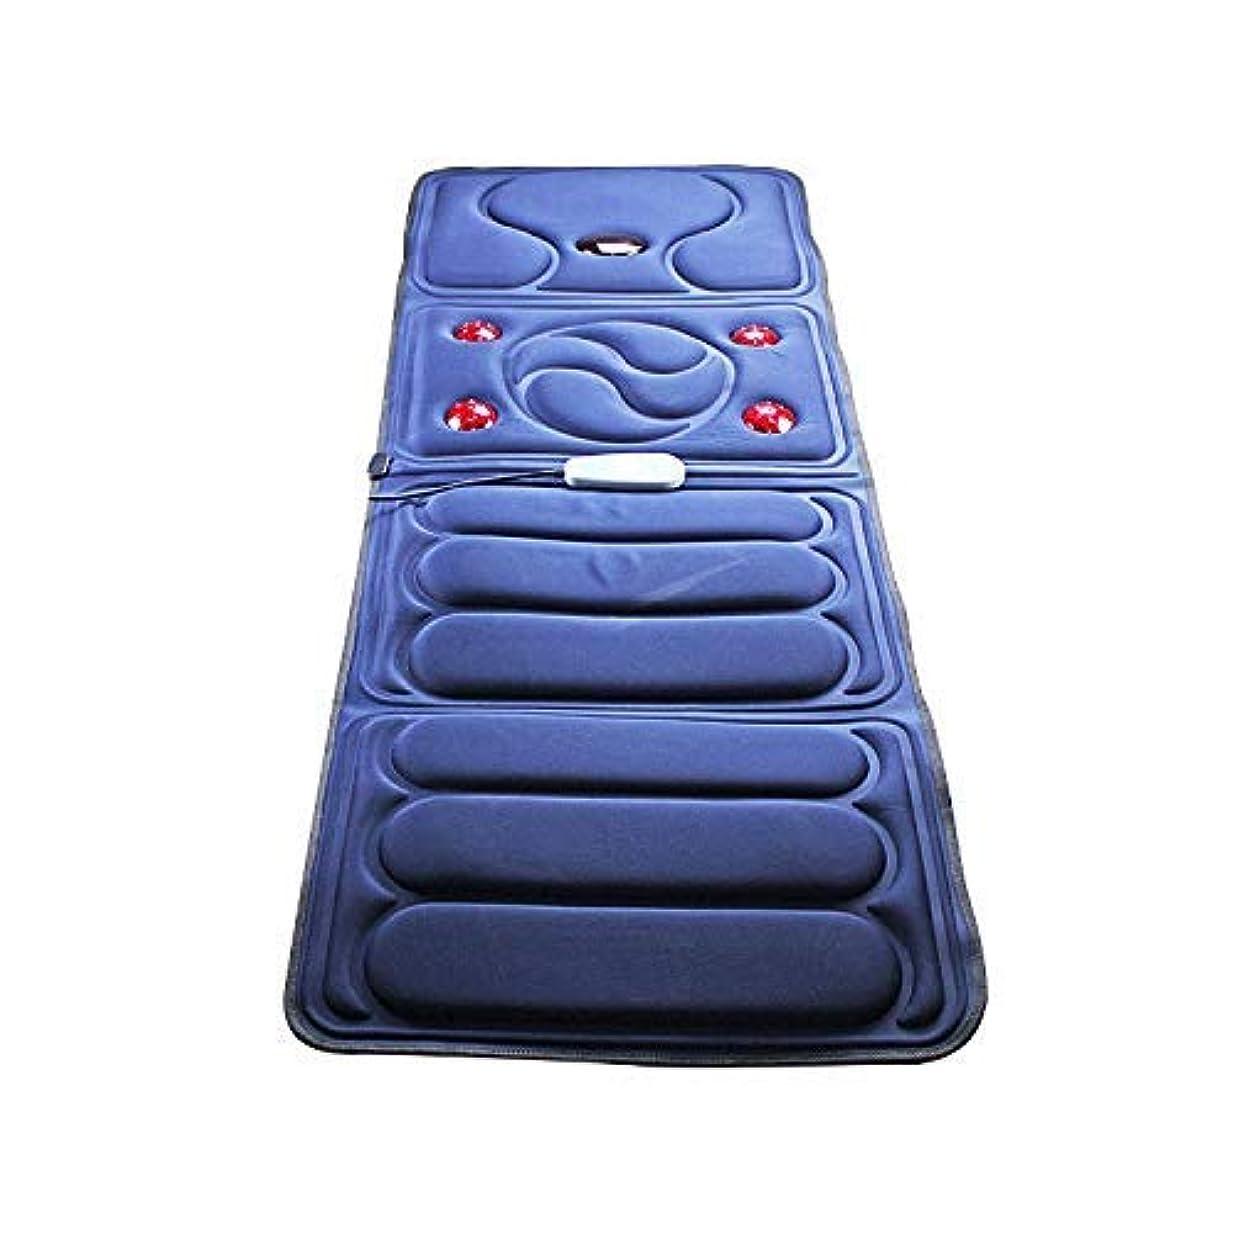 リテラシーみなさん立ち向かう折り畳み式全身マッサージブランケット中高年のヘルスケアマッサージクッション多機能加熱ショックマッサージクッション家庭用マッサージ機器,ブルー